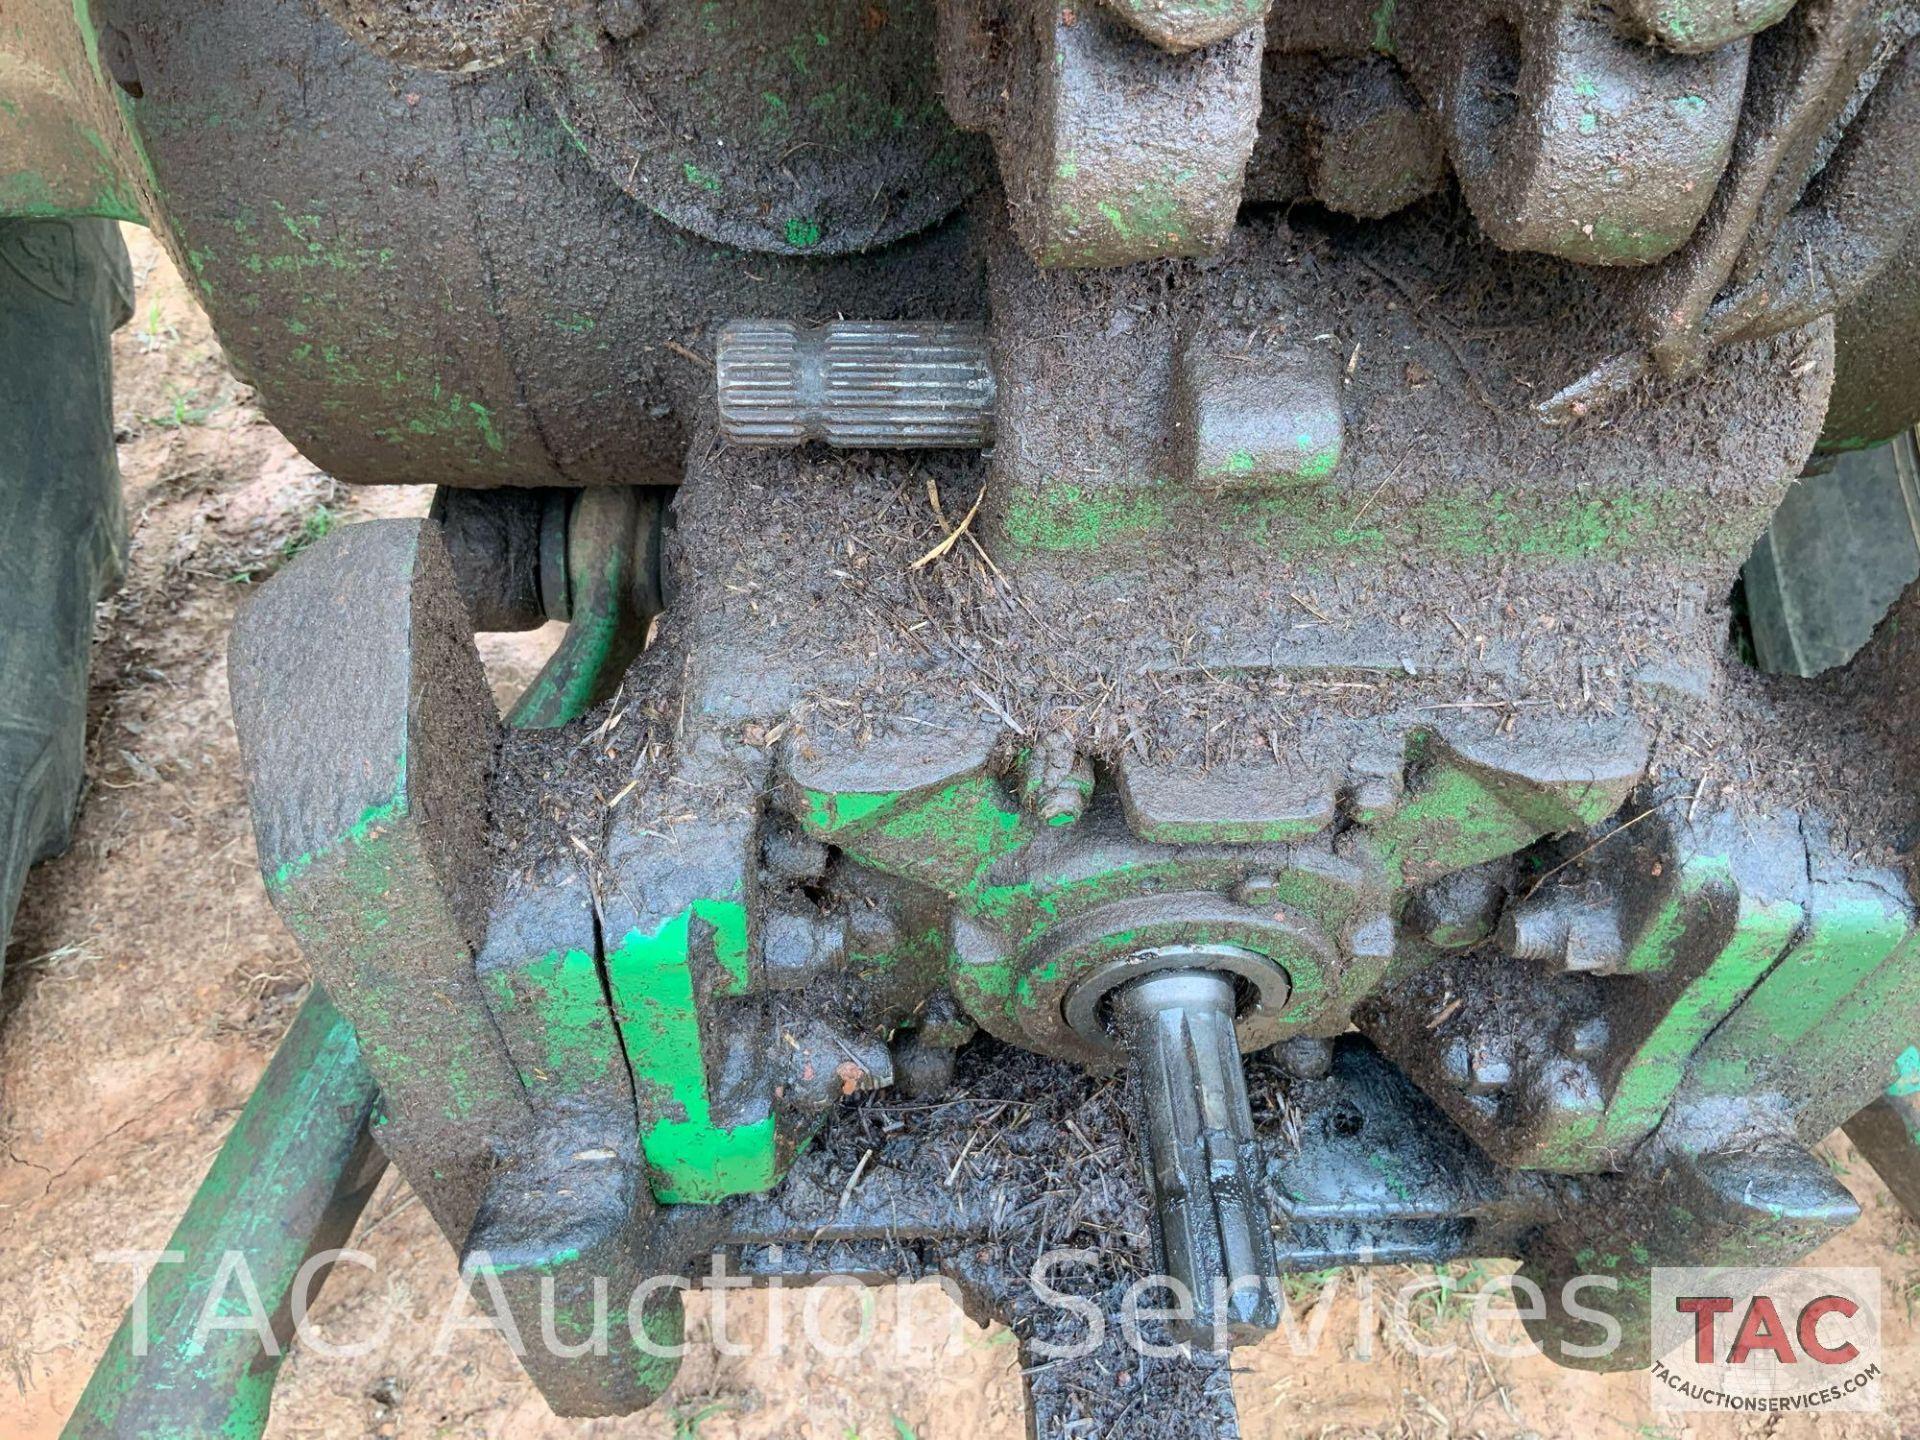 John Deere 4440 Tractor - Image 10 of 31